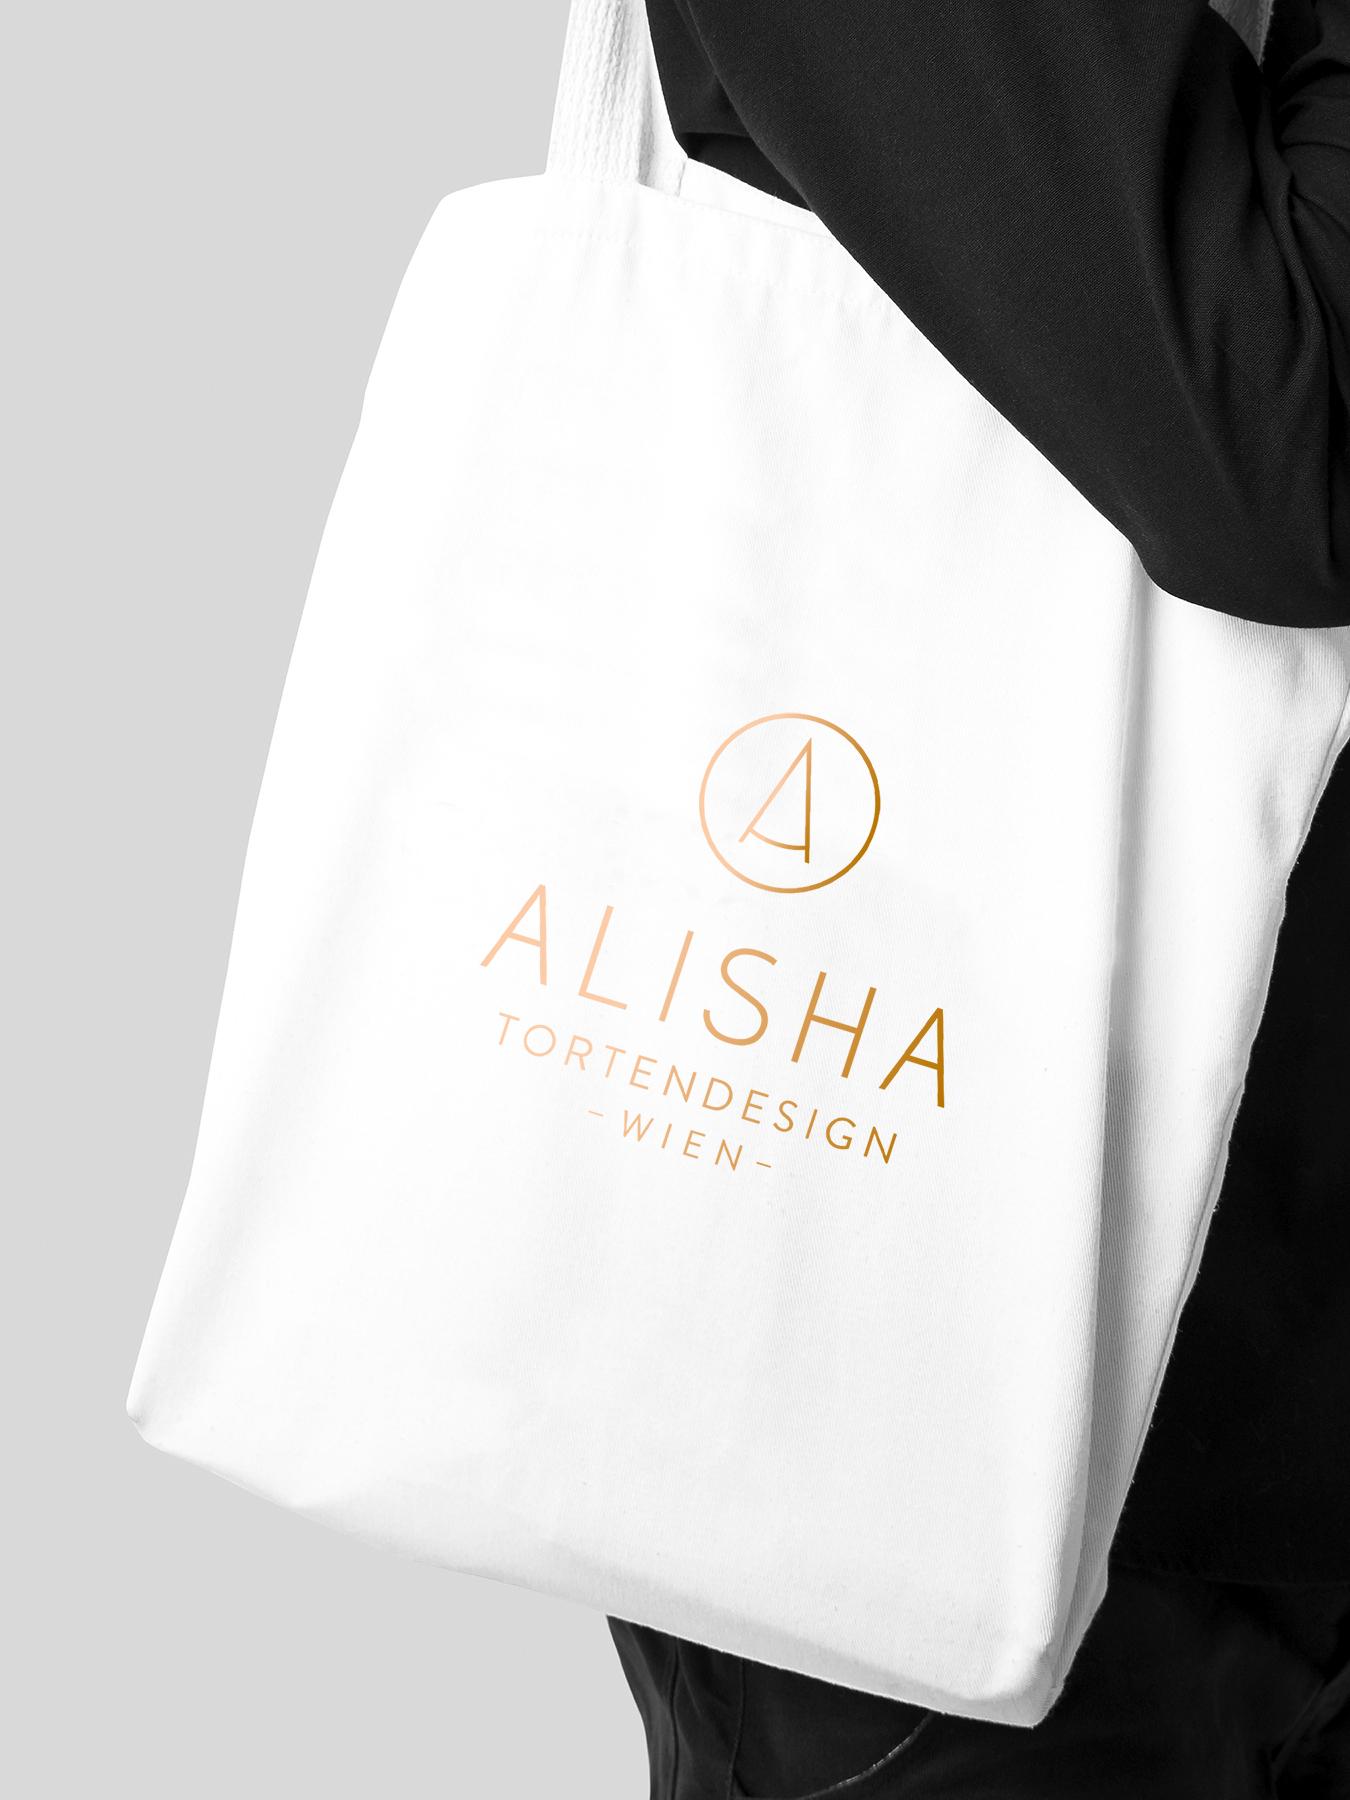 Alisha_Wien